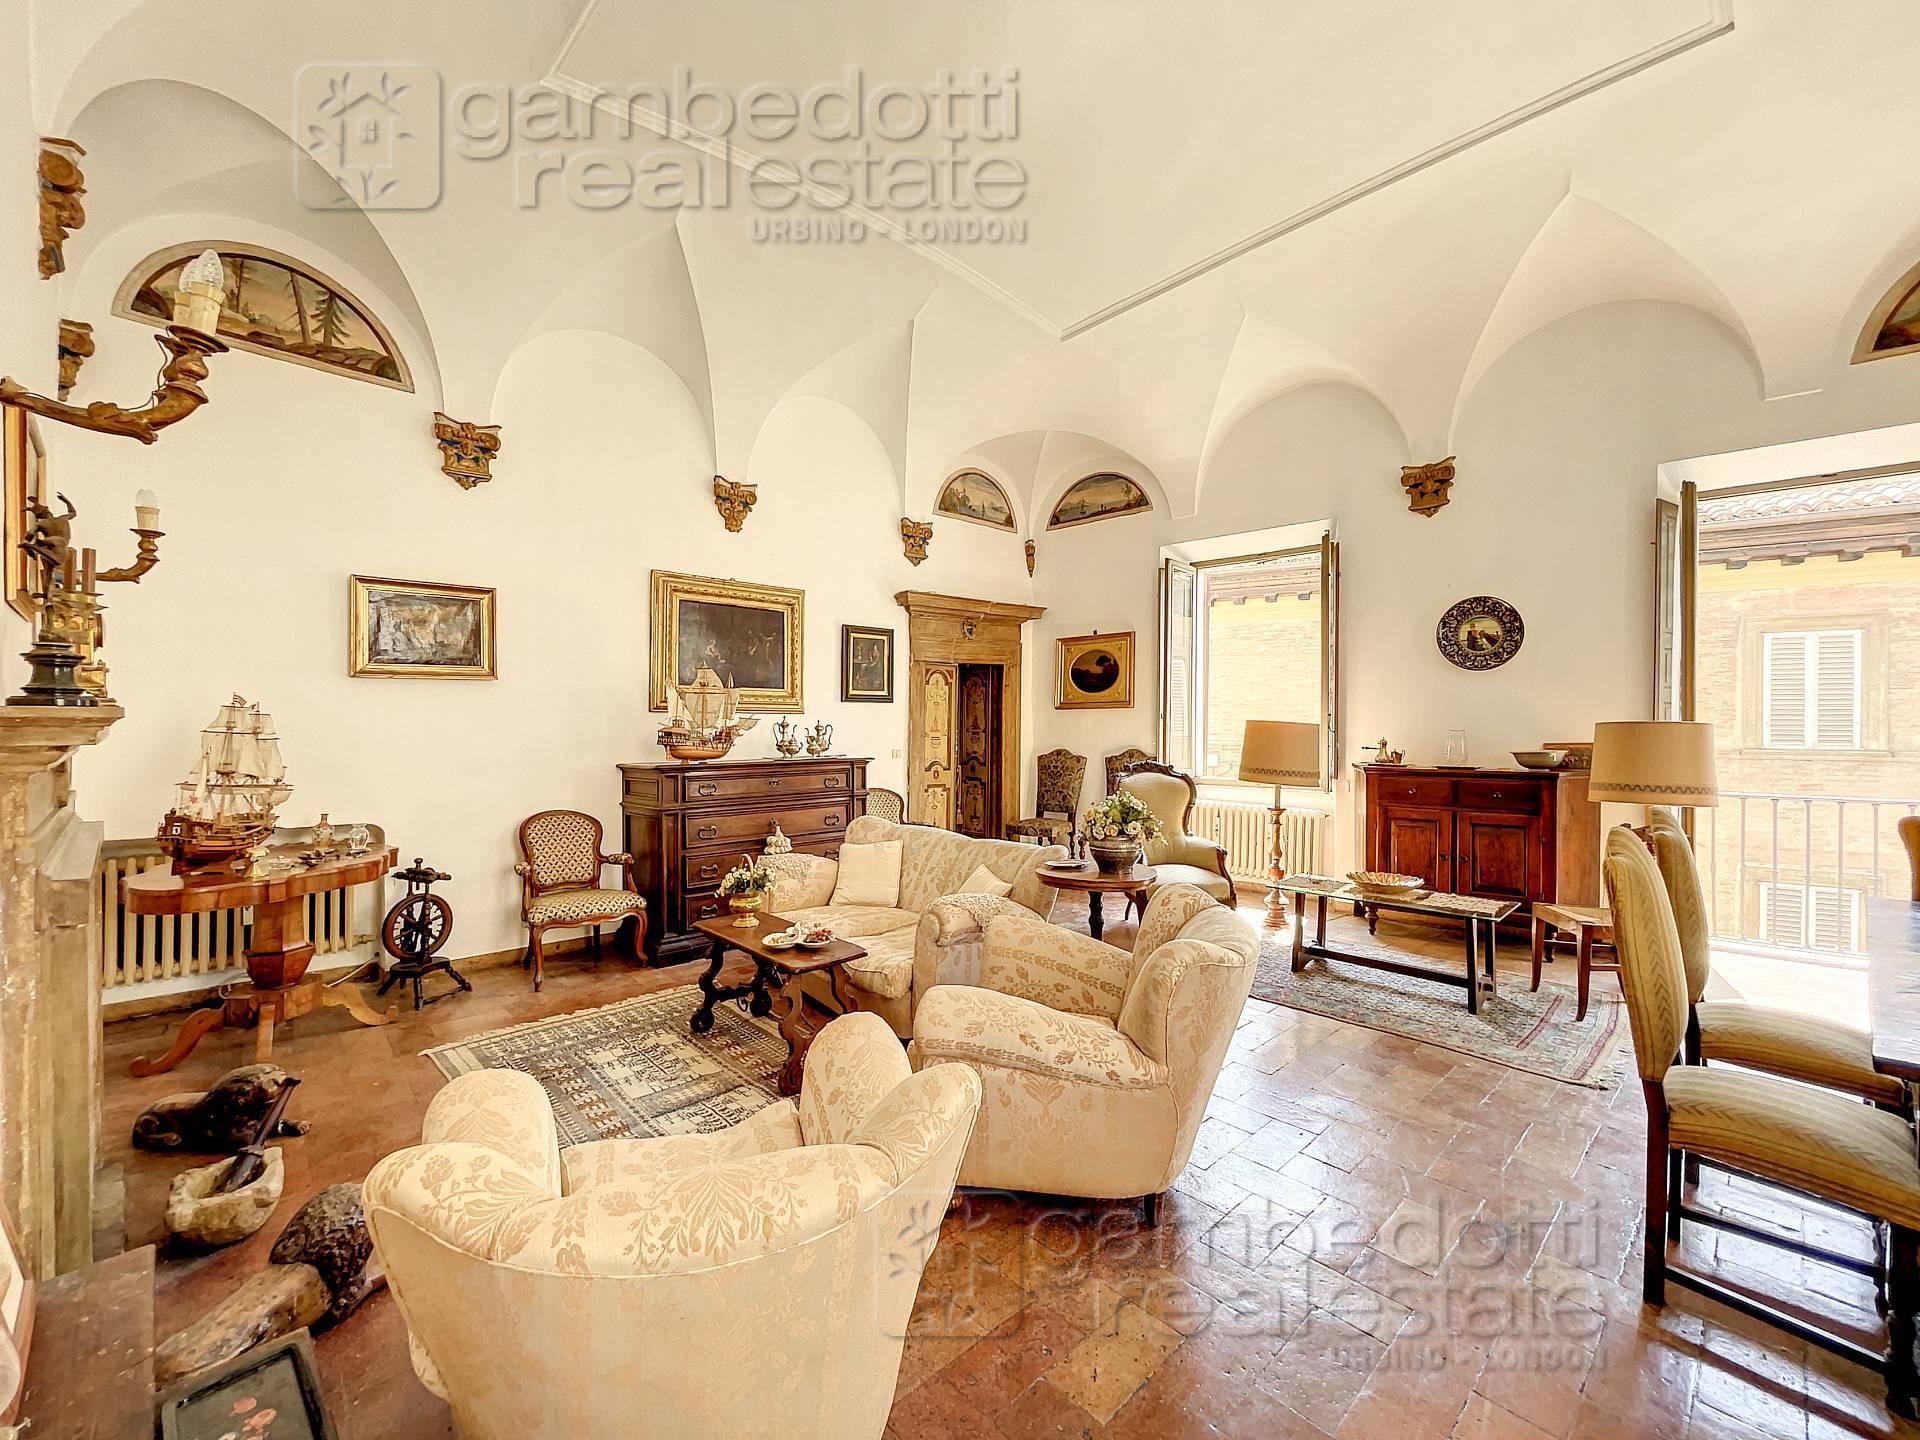 Appartamento in vendita, Urbino centro storico